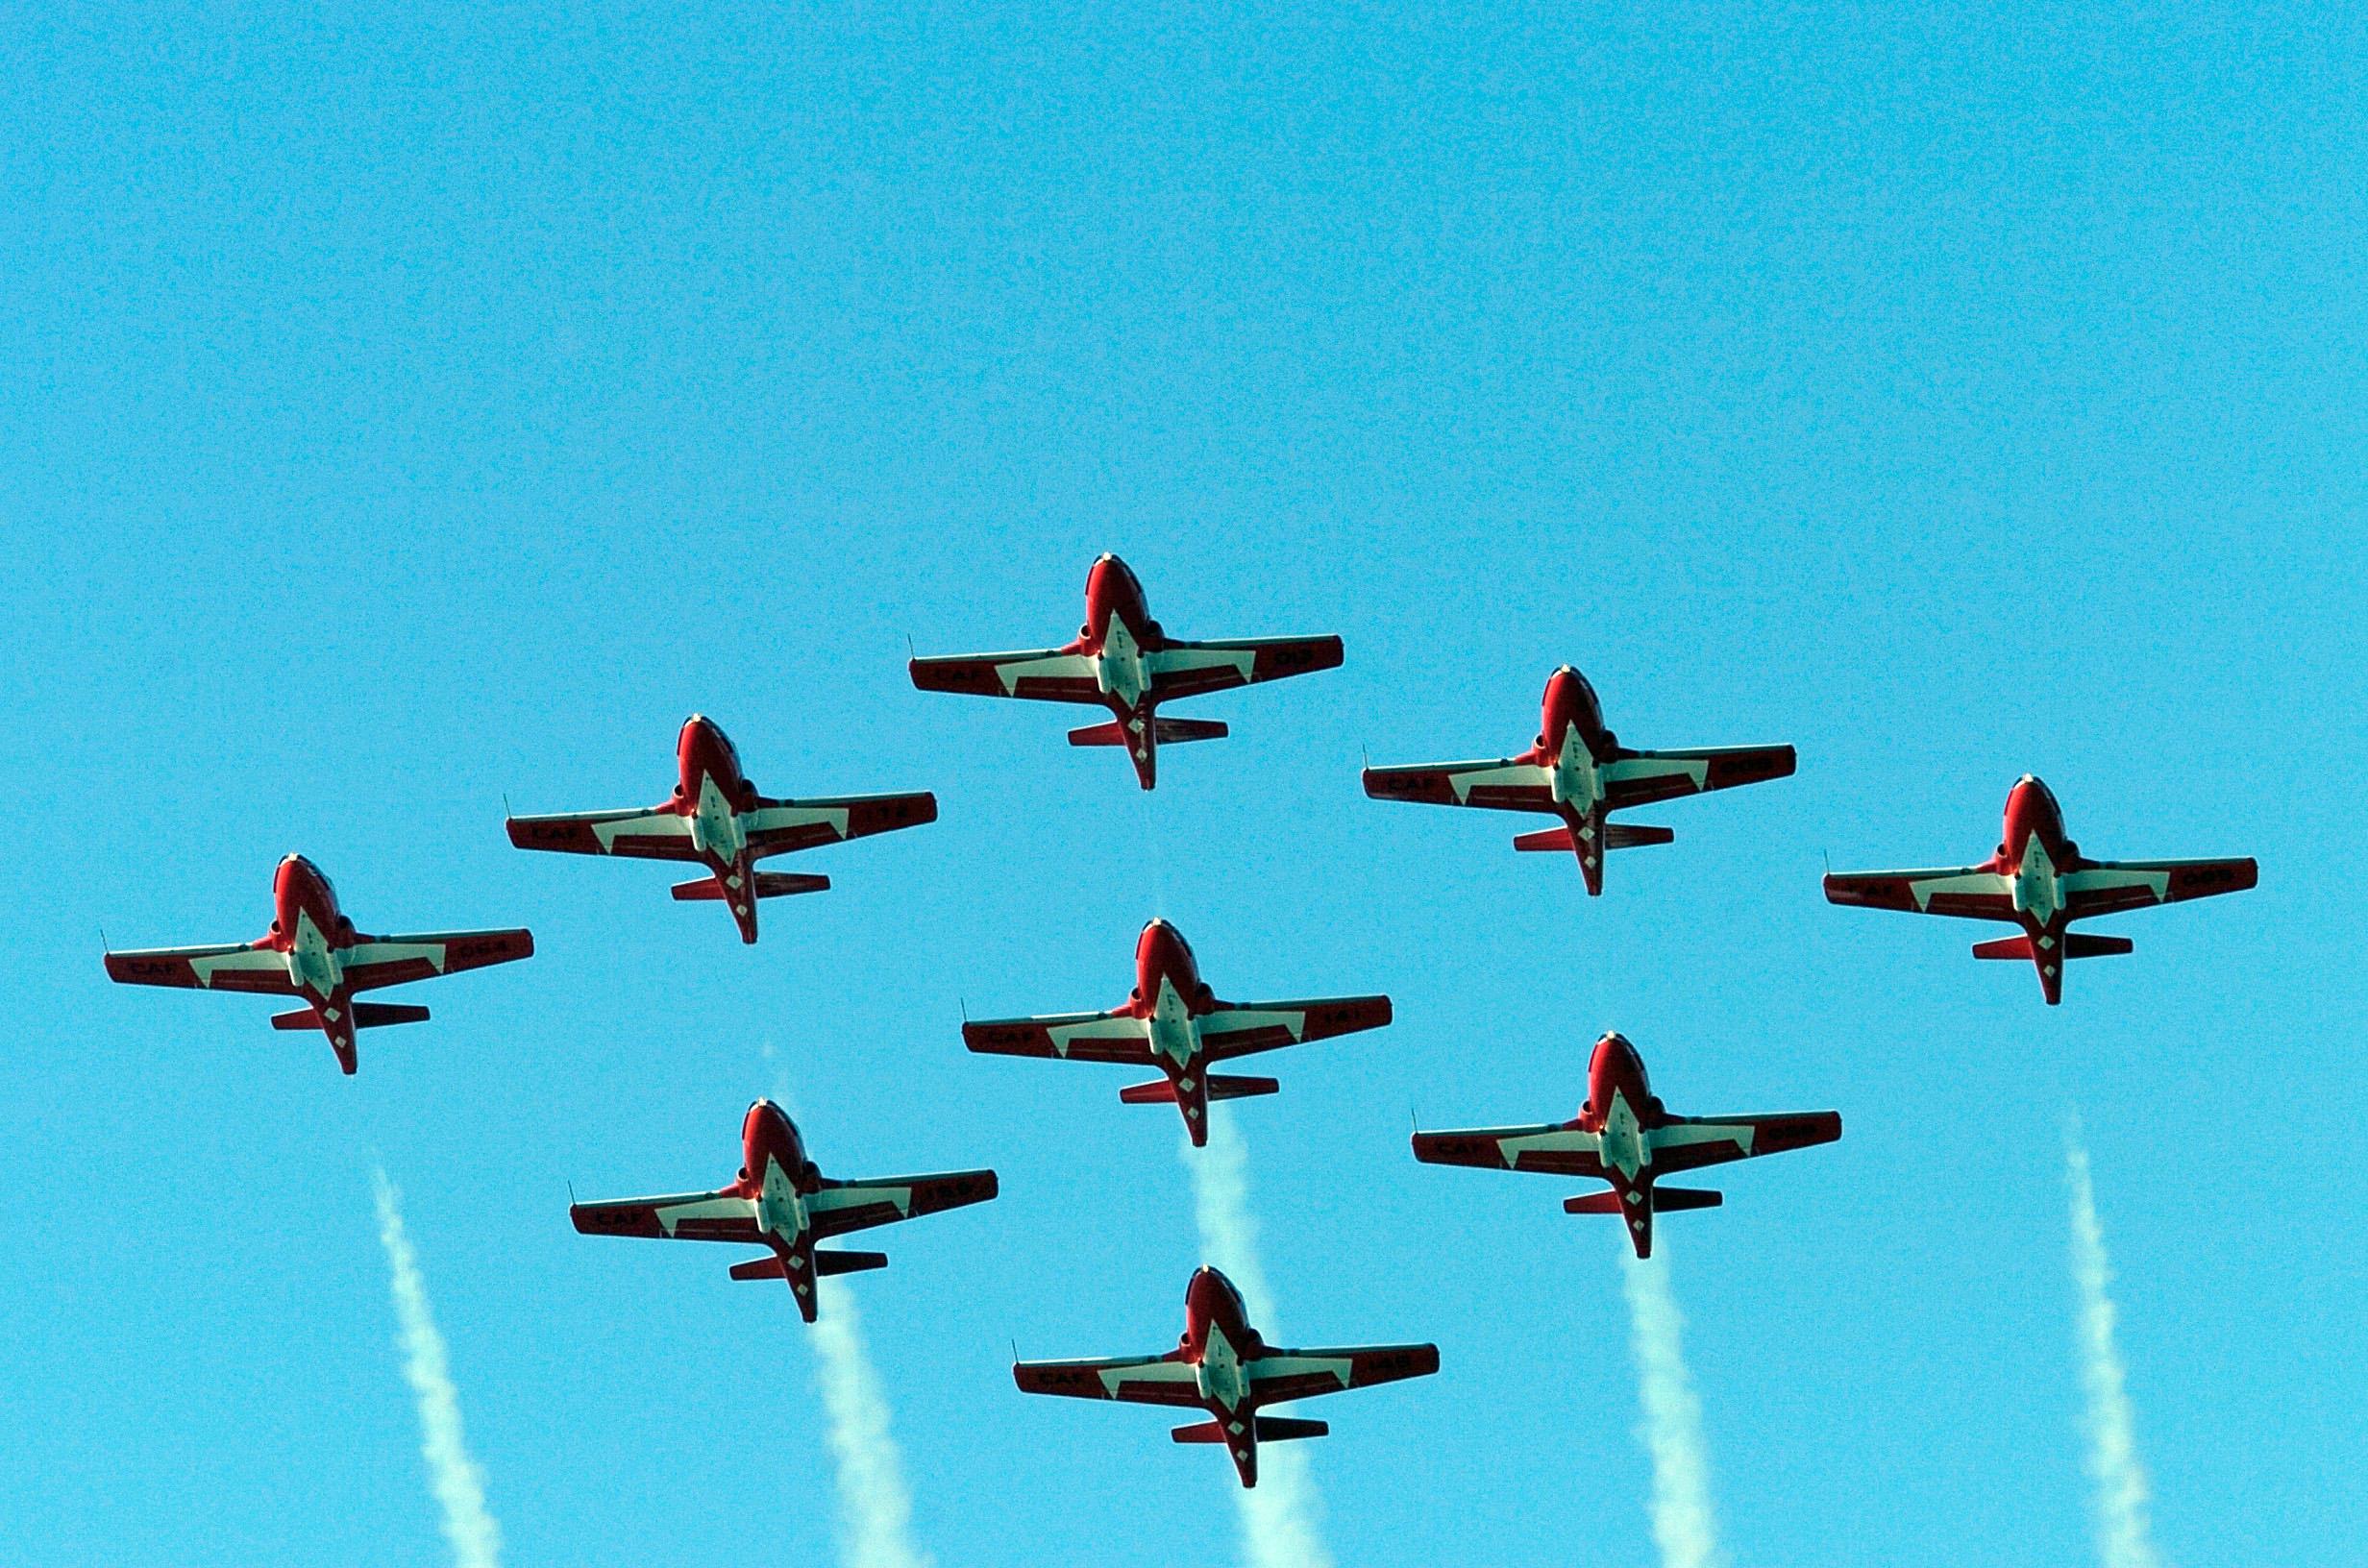 ... plane formation du...